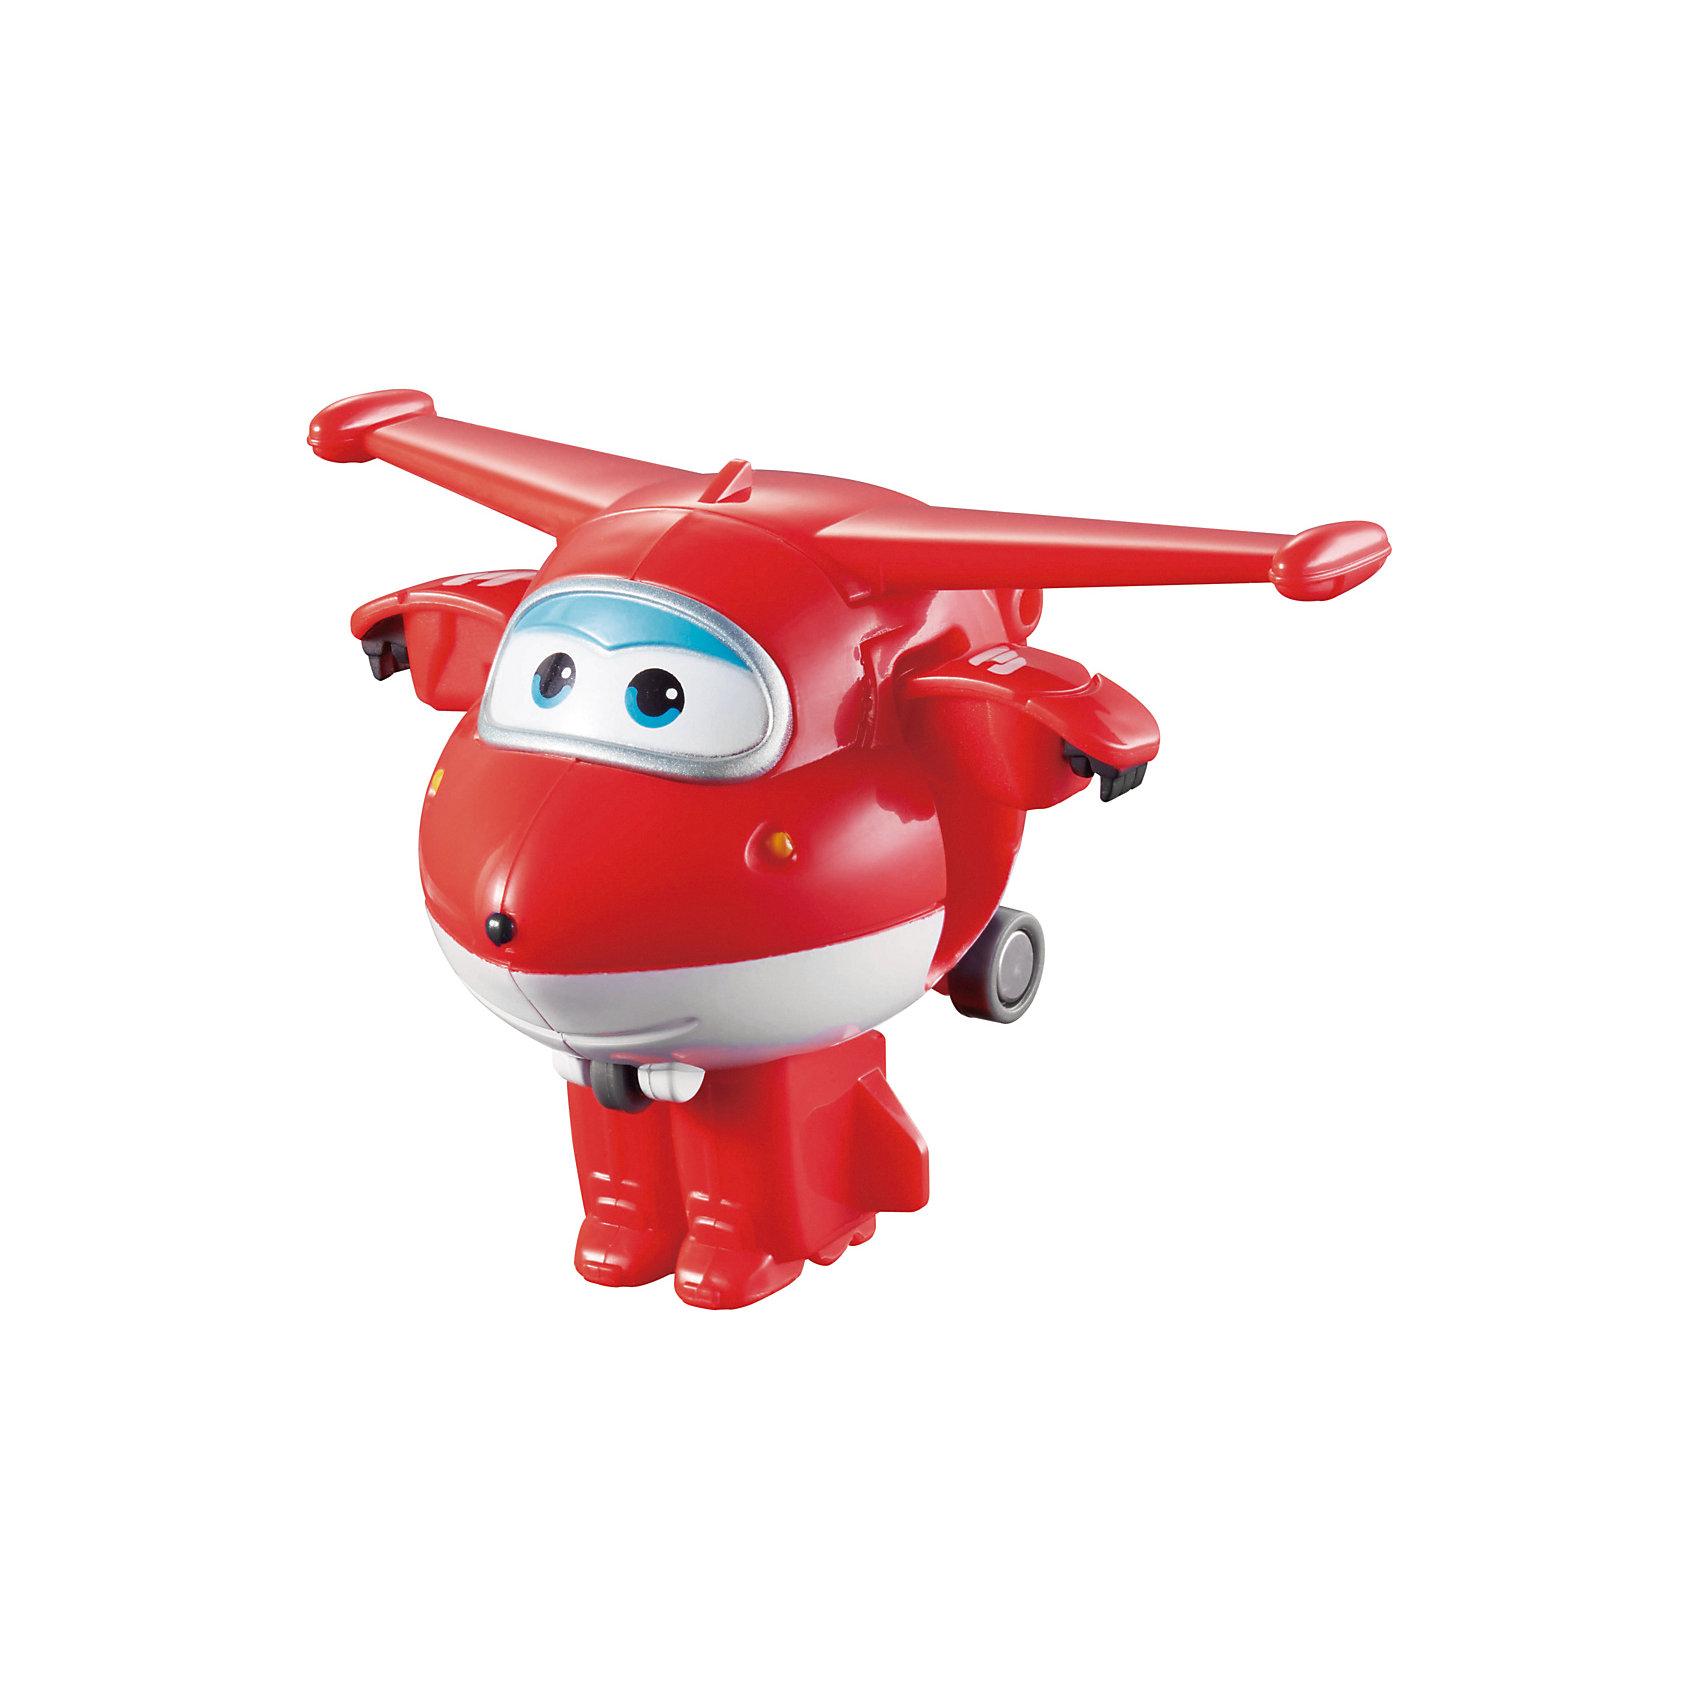 Мини-трансформер Джетт, Супер КрыльяФигурки героев<br>Играть с самолетами любит практически каждый ребенок. Сделать игру ярче и увлекательнее поможет герой популярного мультфильма Супер Крылья, любимого детьми. Игрушка всего за несколько мгновений трансформируется из самолета в робота. К нему можно также фигурки-трансформеры заказать друзей из этого мультфильма! Компактный размер позволит ребенку брать игрушку с собой в гости или на прогулку.                <br>Этот трансформер обязательно порадует ребенка! Игры с ним также помогают детям развивать воображение, логику, мелкую моторику и творческое мышление. Самолет сделан из качественных и безопасных для ребенка материалов.<br><br>Дополнительная информация:<br><br>цвет: разноцветный;<br>размер упаковки: 12 х 15 х 6 см;<br>вес: 300 г;<br>материал: пластик.<br><br>Игрушку Мини-трансформер Джетт можно купить в нашем магазине.<br><br>Ширина мм: 125<br>Глубина мм: 155<br>Высота мм: 62<br>Вес г: 300<br>Возраст от месяцев: 36<br>Возраст до месяцев: 2147483647<br>Пол: Мужской<br>Возраст: Детский<br>SKU: 4918771